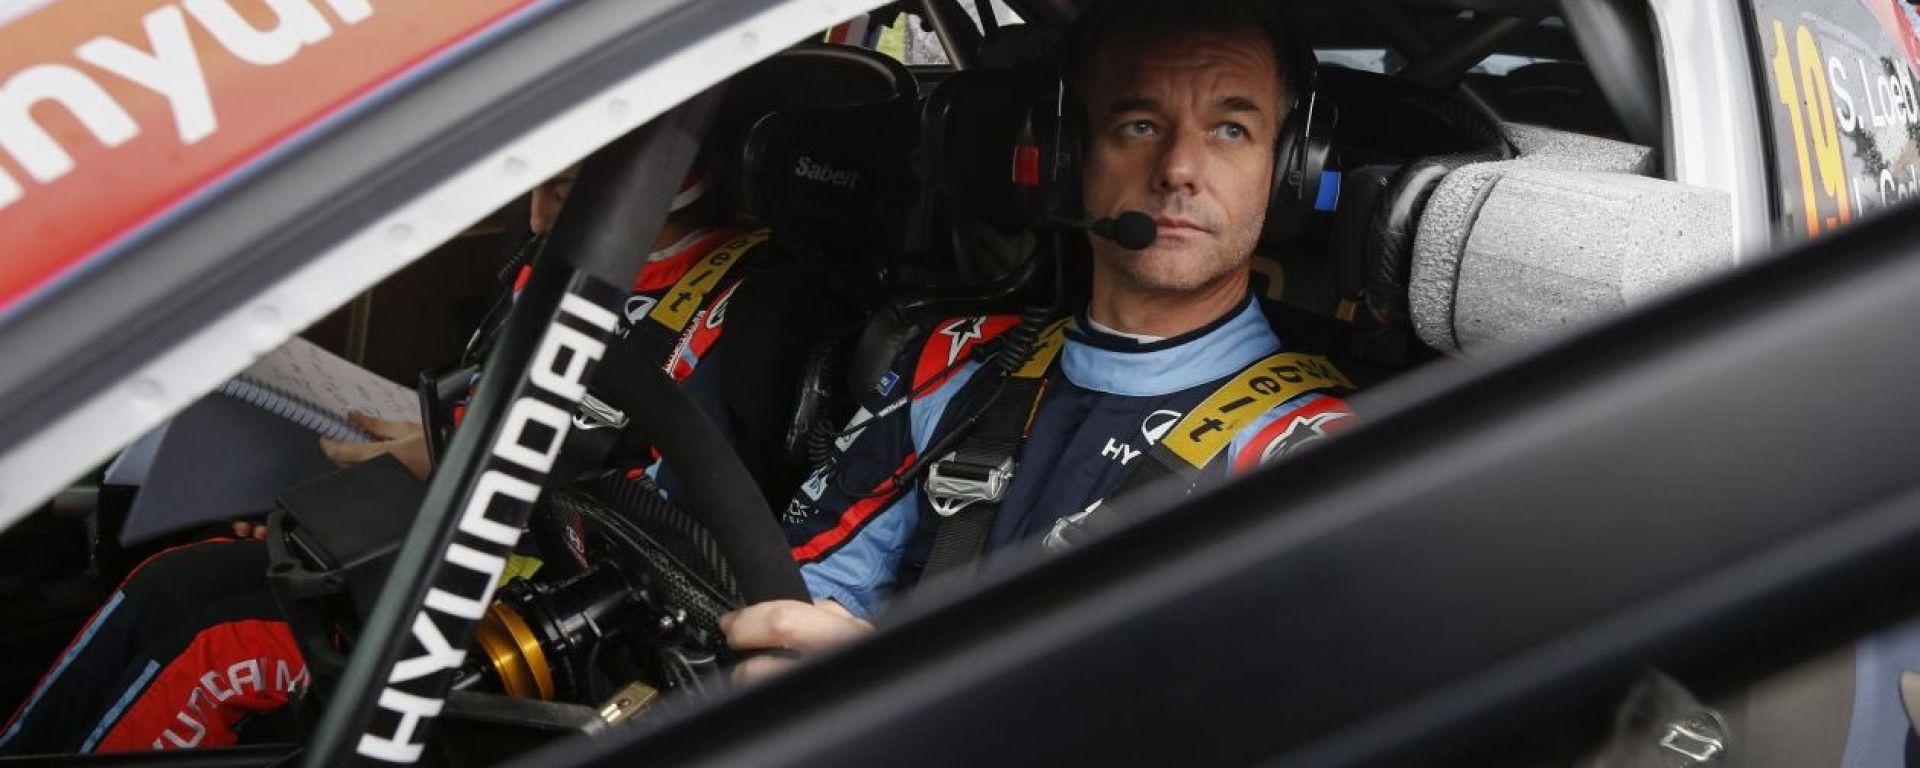 WRC 2020: Sebastien Loeb (Hyundai)